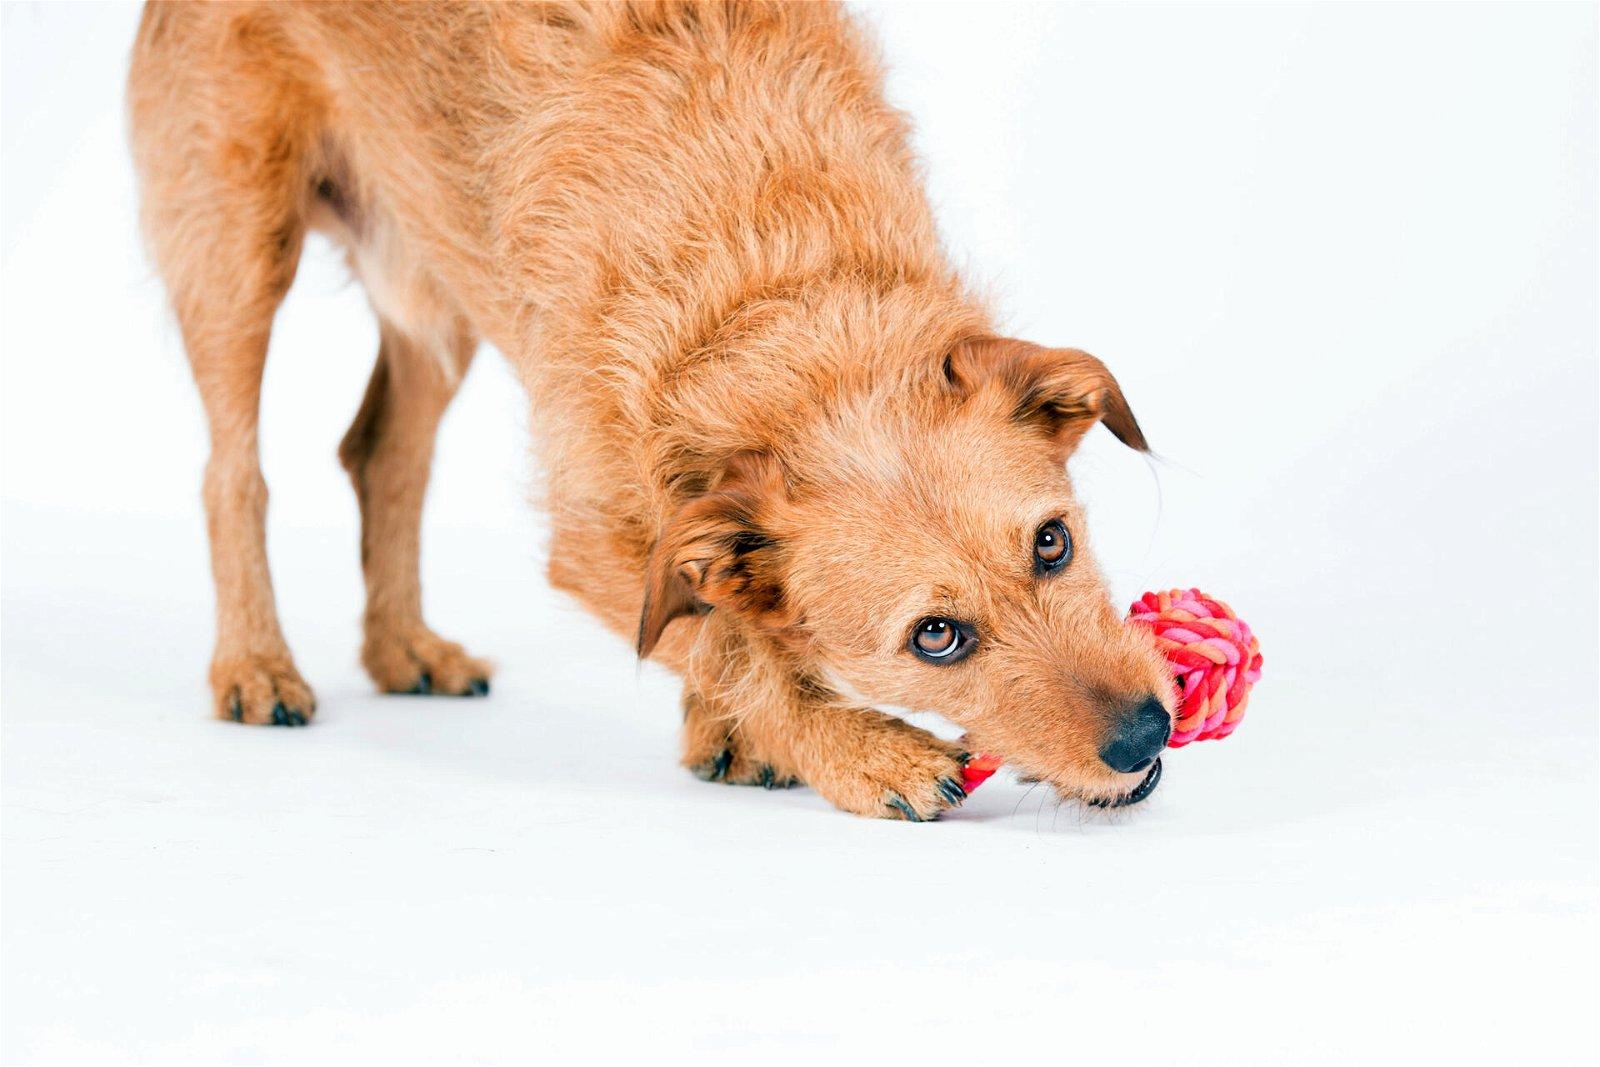 Hundespielzeug Mini Schleuderball aus Baumwolltau - Pink/Rosa, zahnpflegend und robust, (B/H/T) 6x6x13 cm